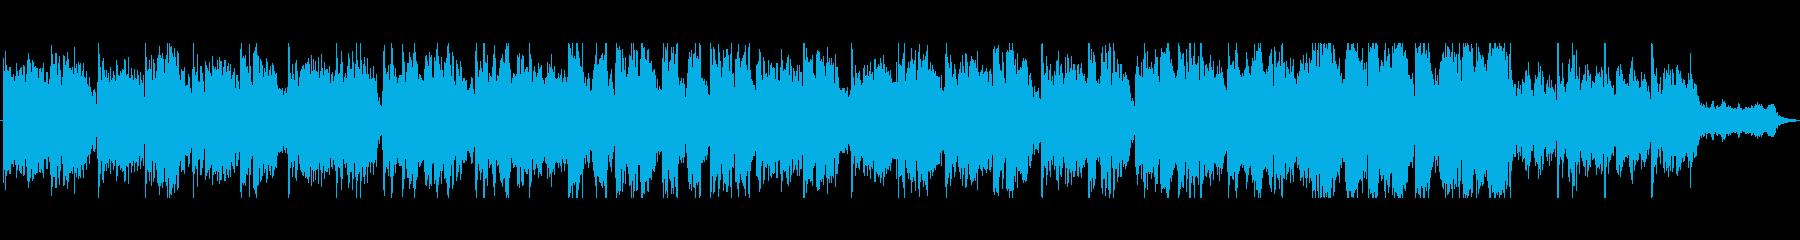 ウクライナの音楽。伝統的なバンデュ...の再生済みの波形